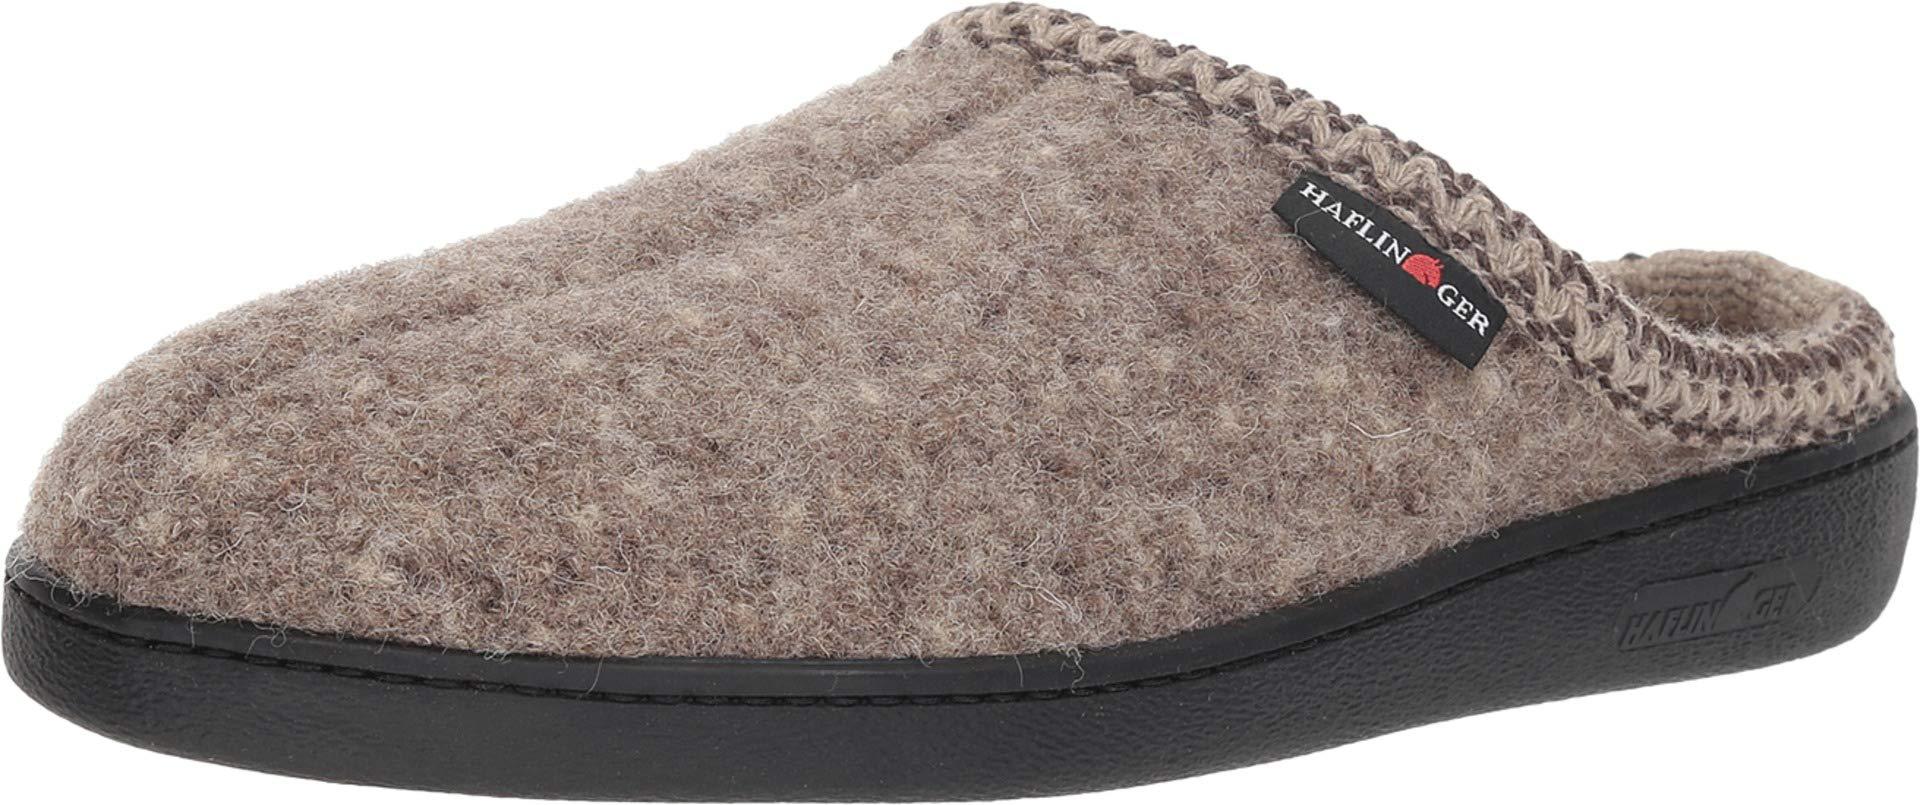 Haflinger Unisex at Boiled Wool Hard Sole Slipper (45 M EU, Natural)